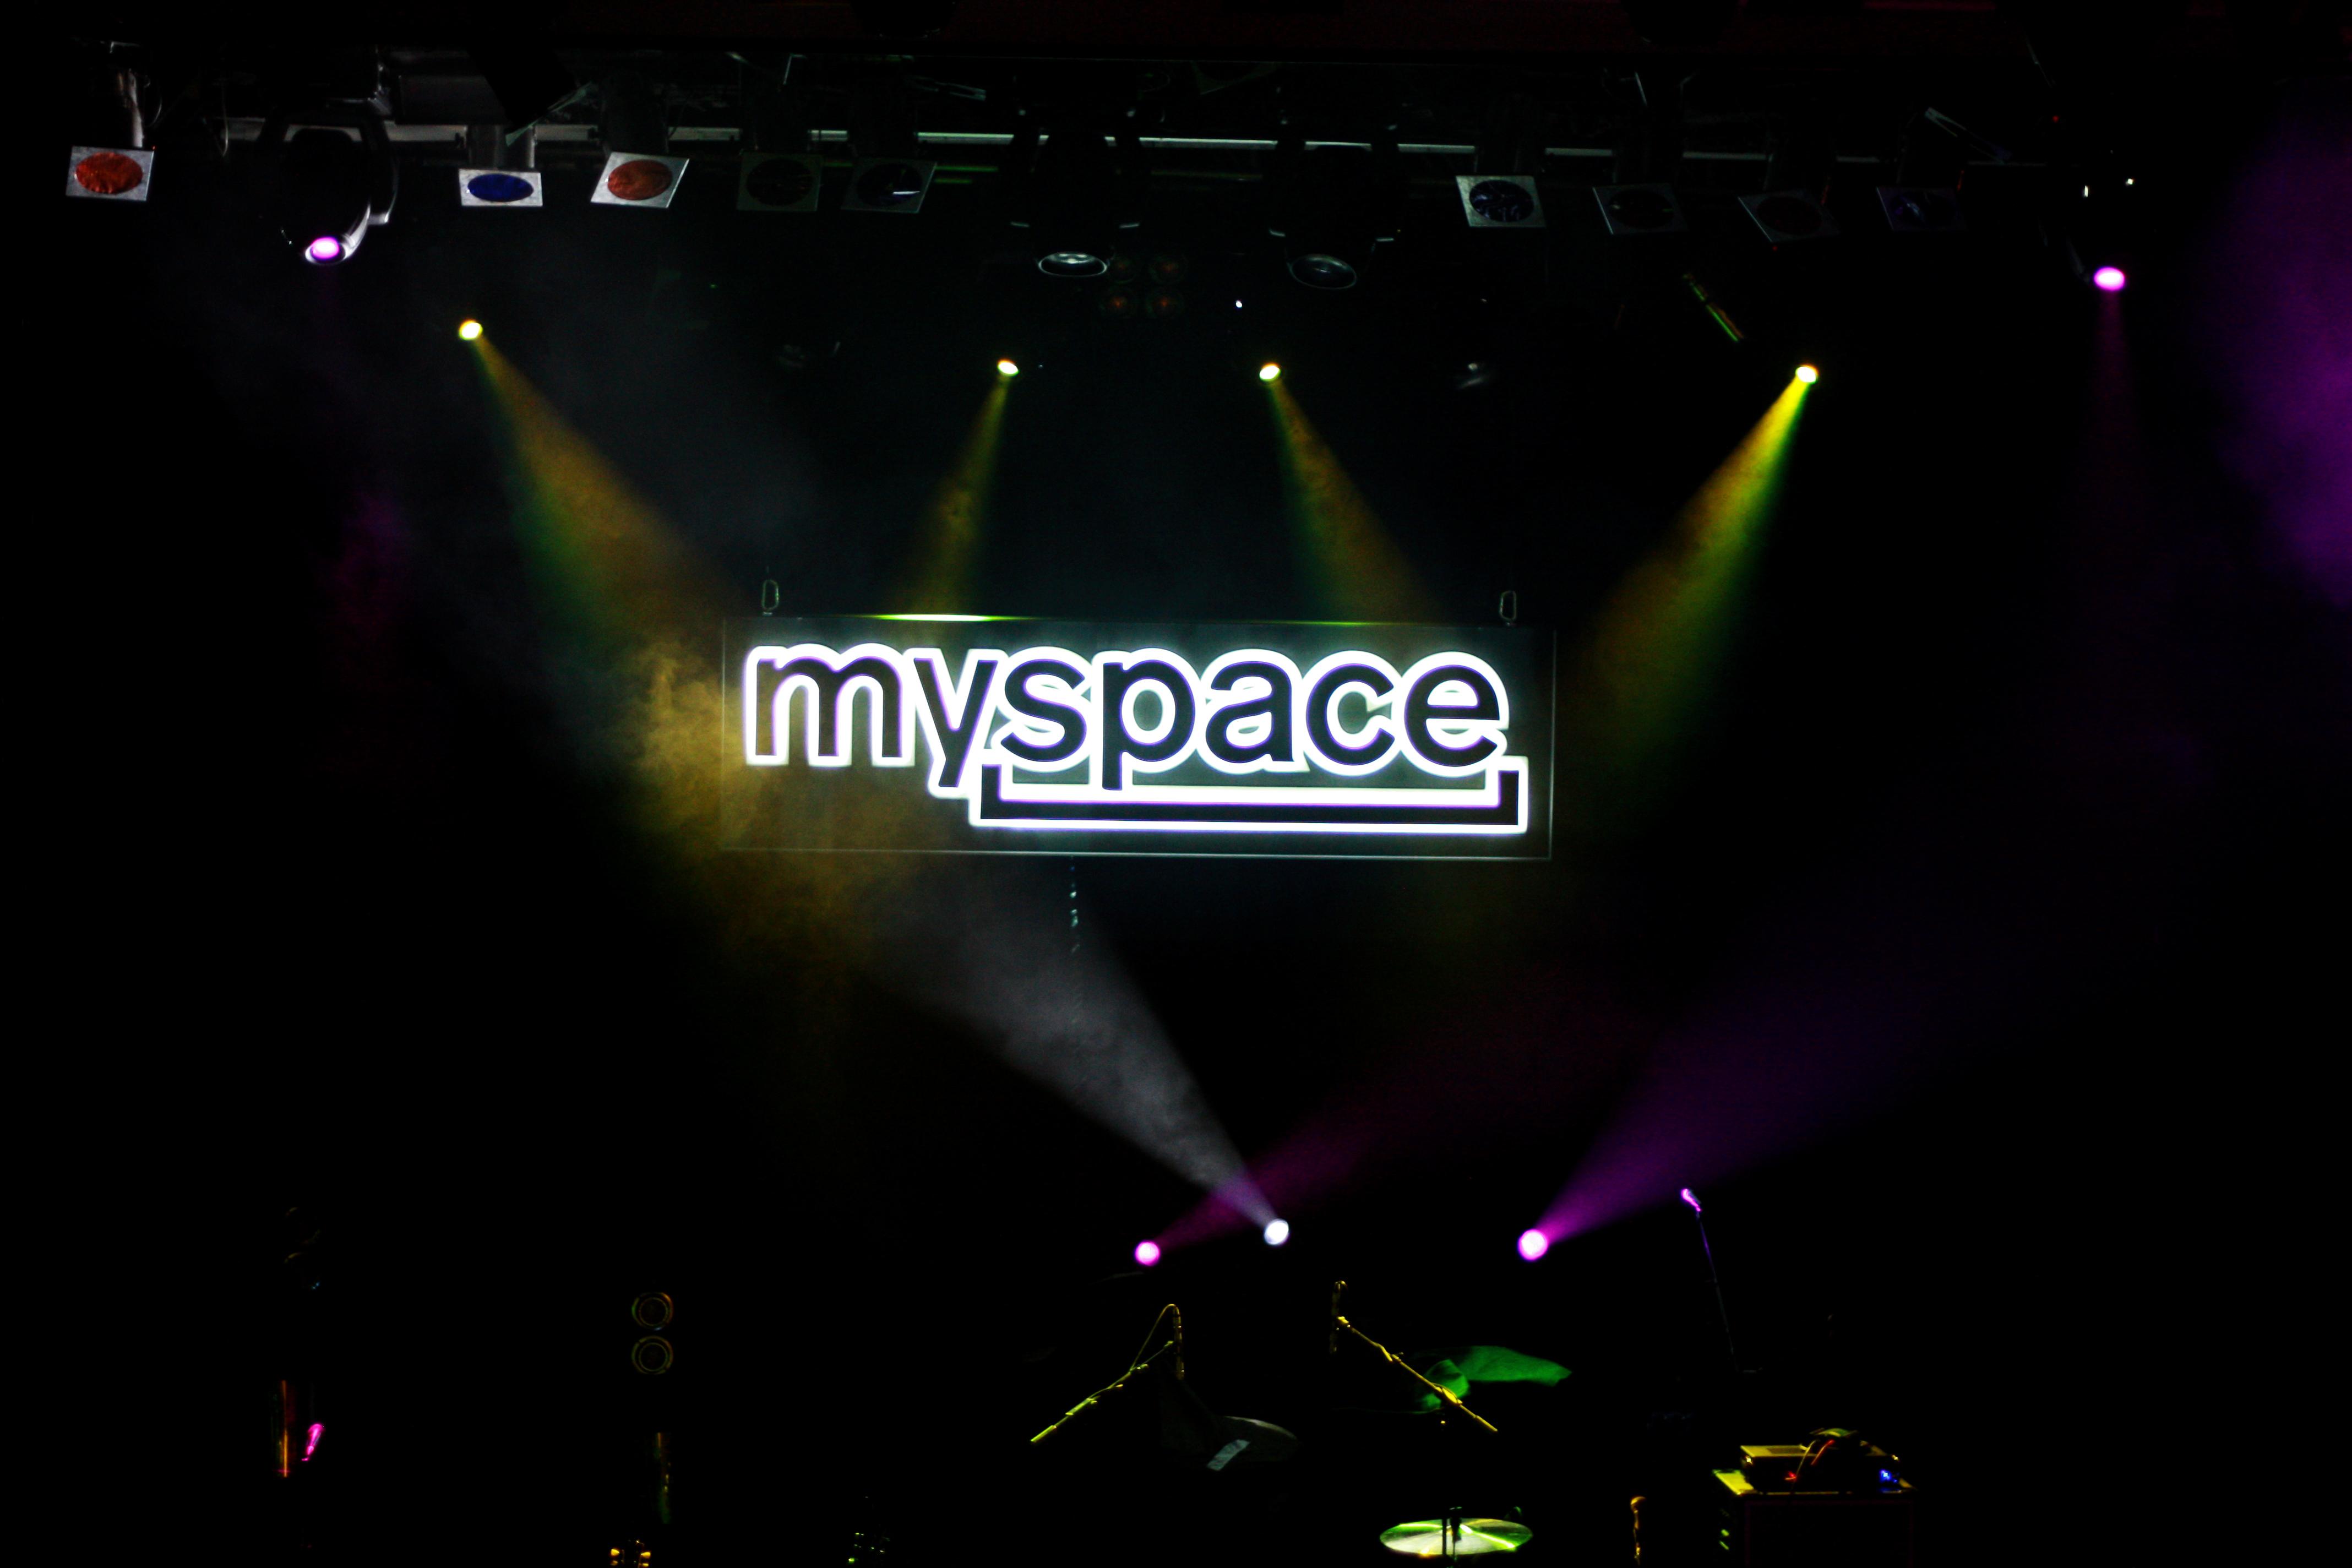 Myspace_Event_15.03.12_Layla Smethurst 1